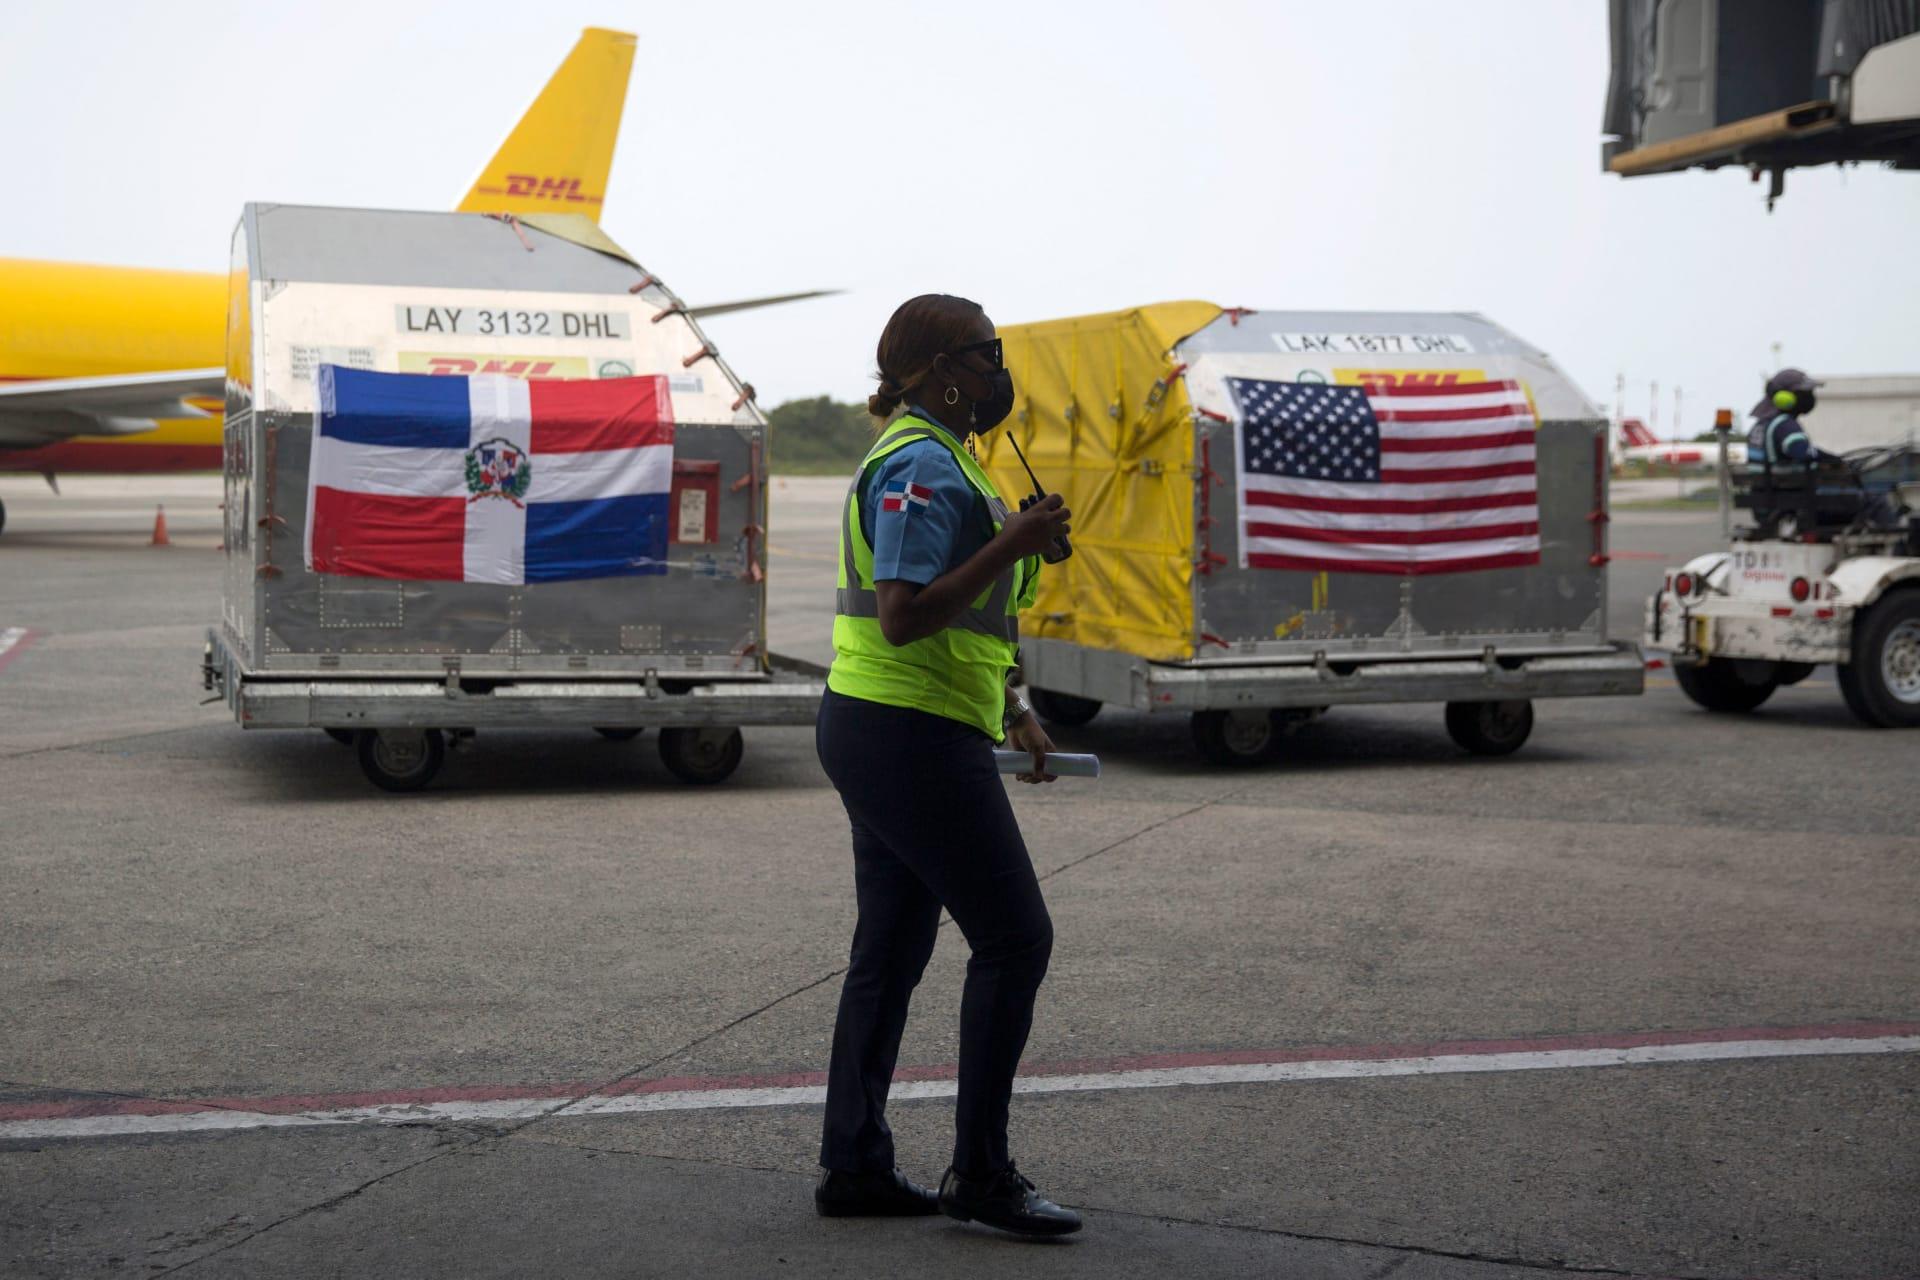 لحظة وصول شحنات لقاح فايزر إلى عند الوصول إلى مطار Las Americas في Santo Domingo في 11 يونيو 2021.